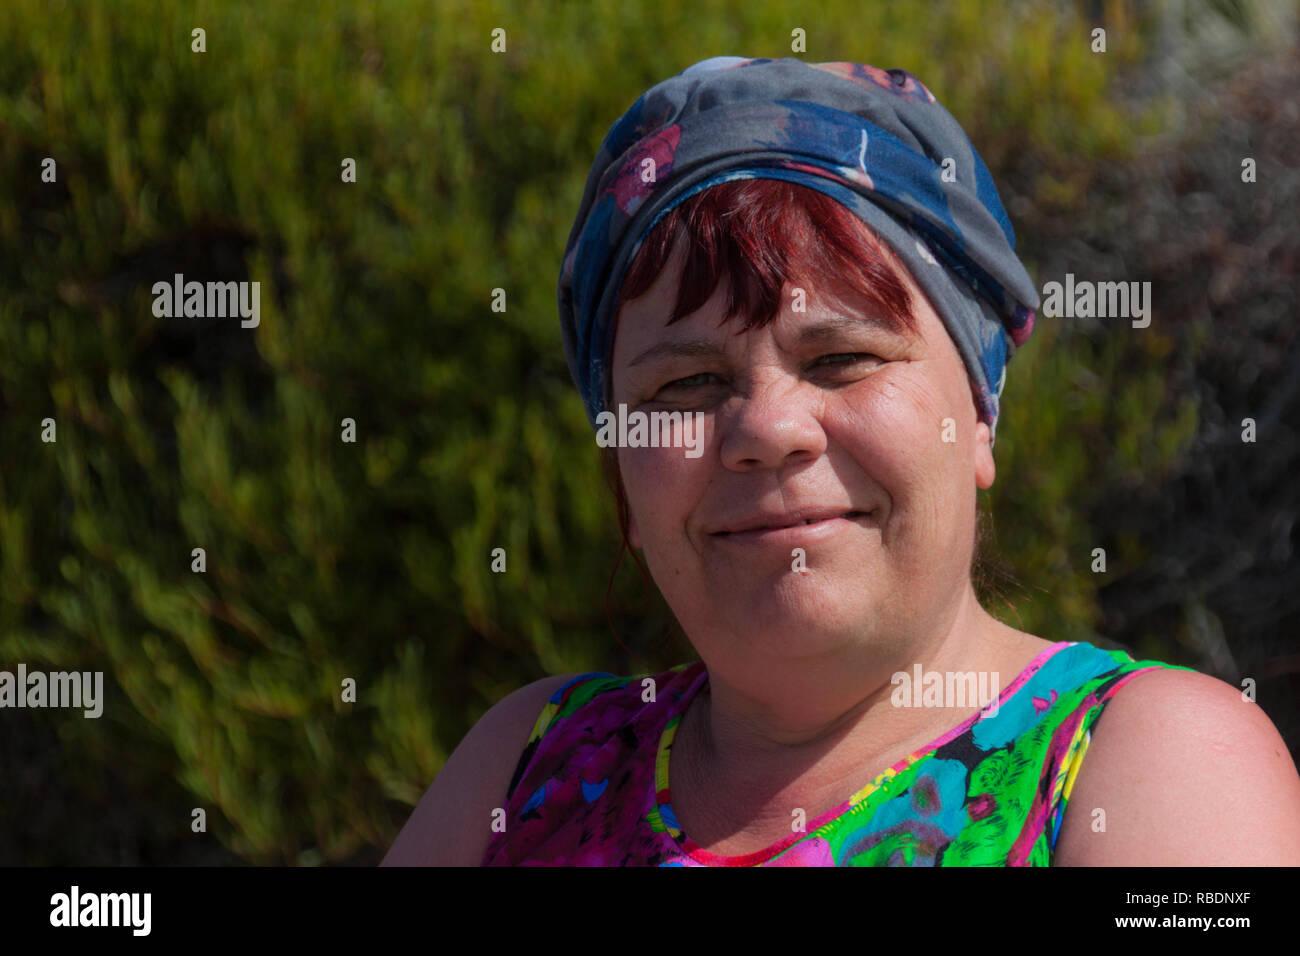 Un buen retrato de una mujer encantadora sobre un fondo natural verde Imagen De Stock